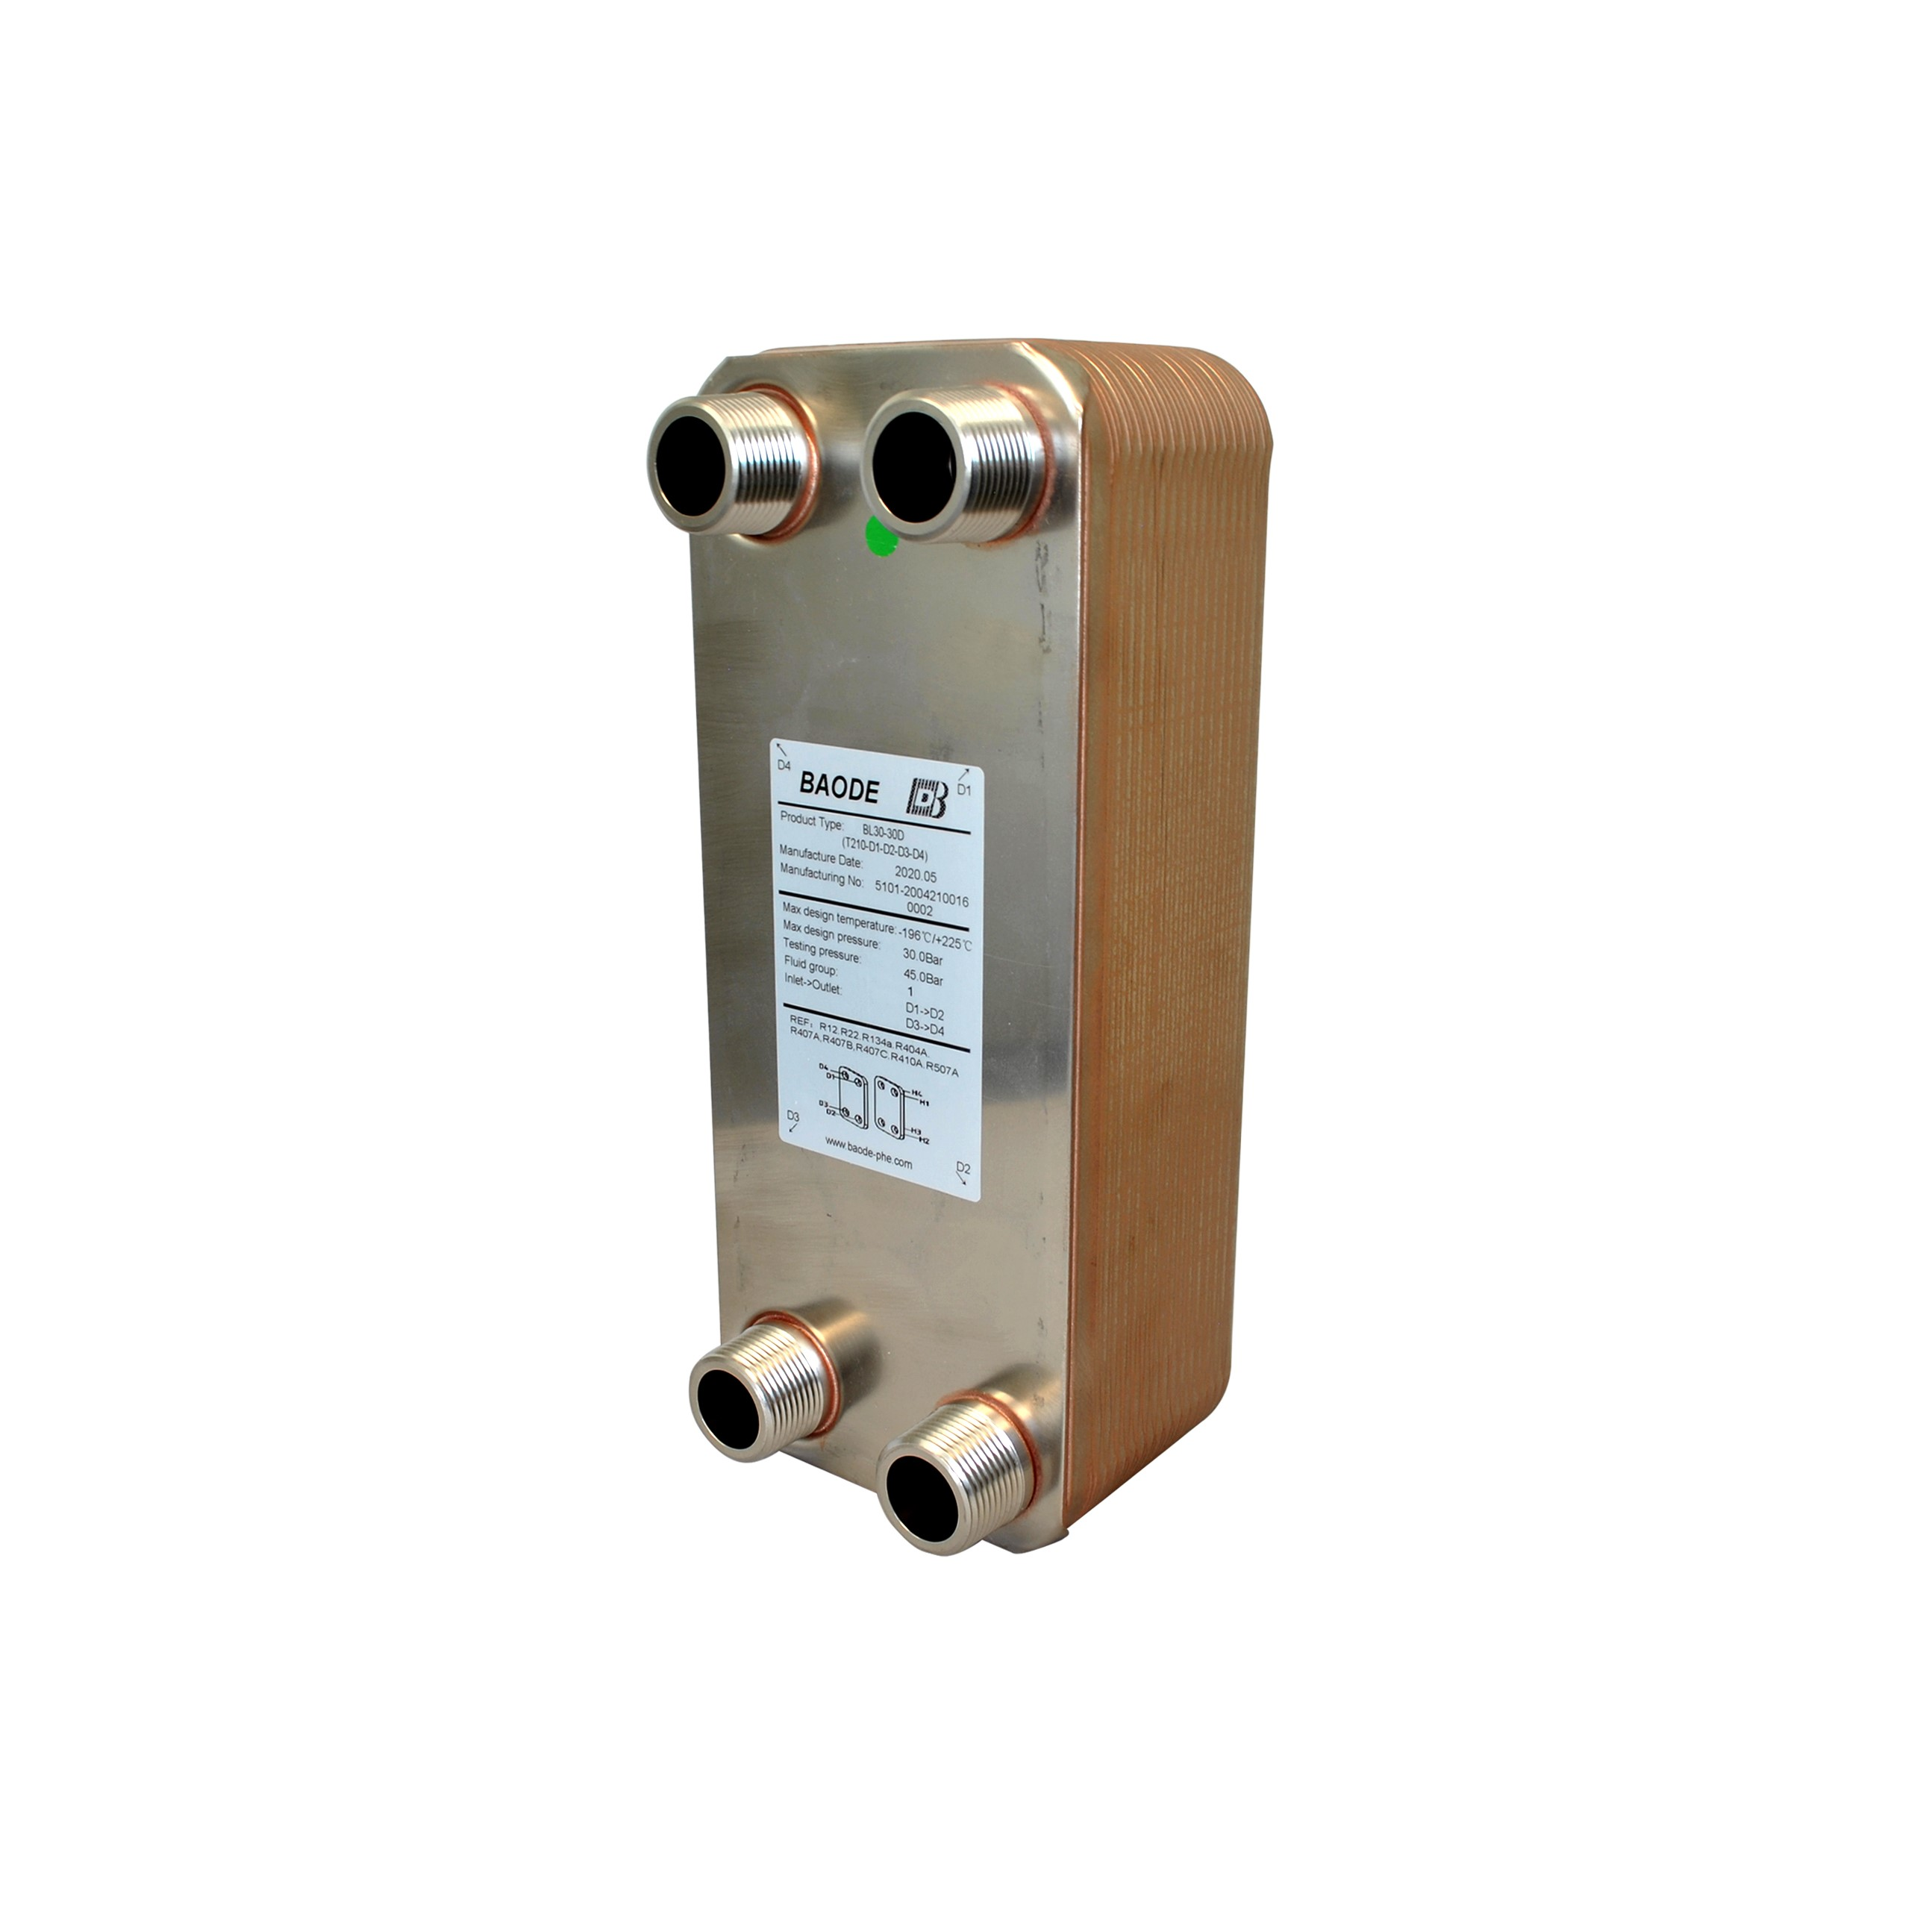 Baode BL26C Flat Plate Heat Exchanger 30 Plate